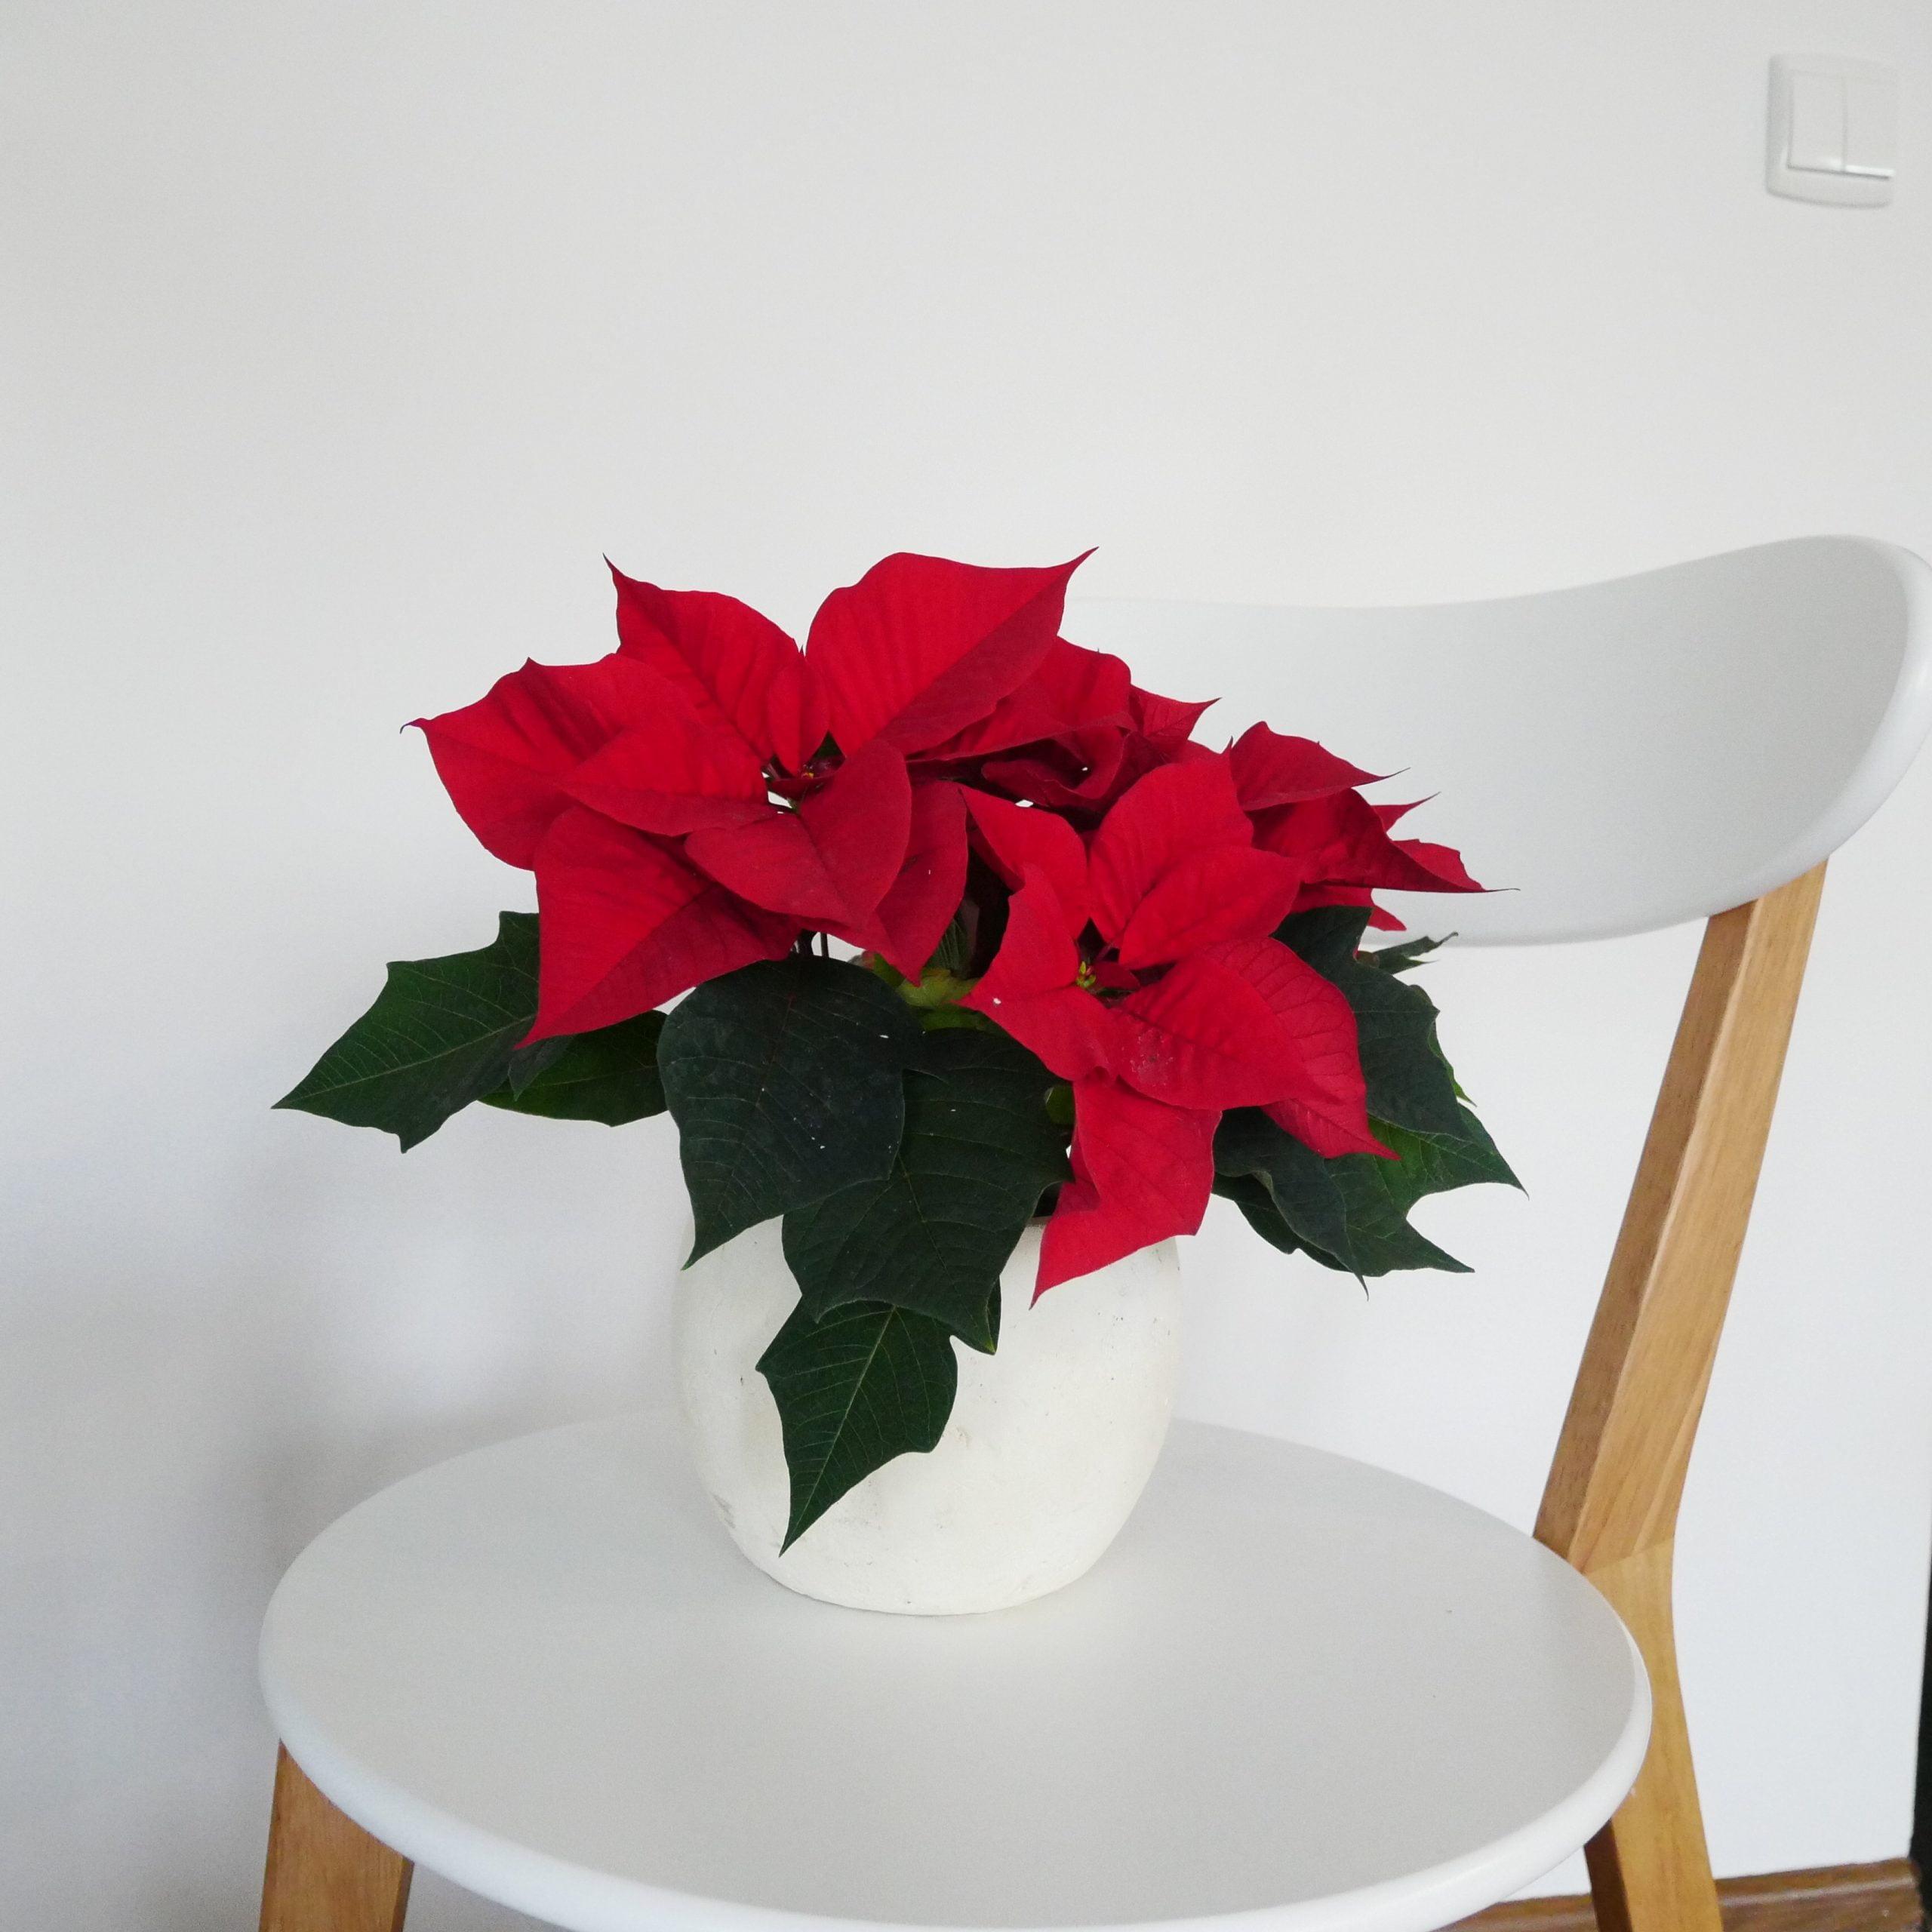 Gwiazda betlejemska nie jest tak silnie trującą rośliną, za jaką ją przez długi czas uważano.